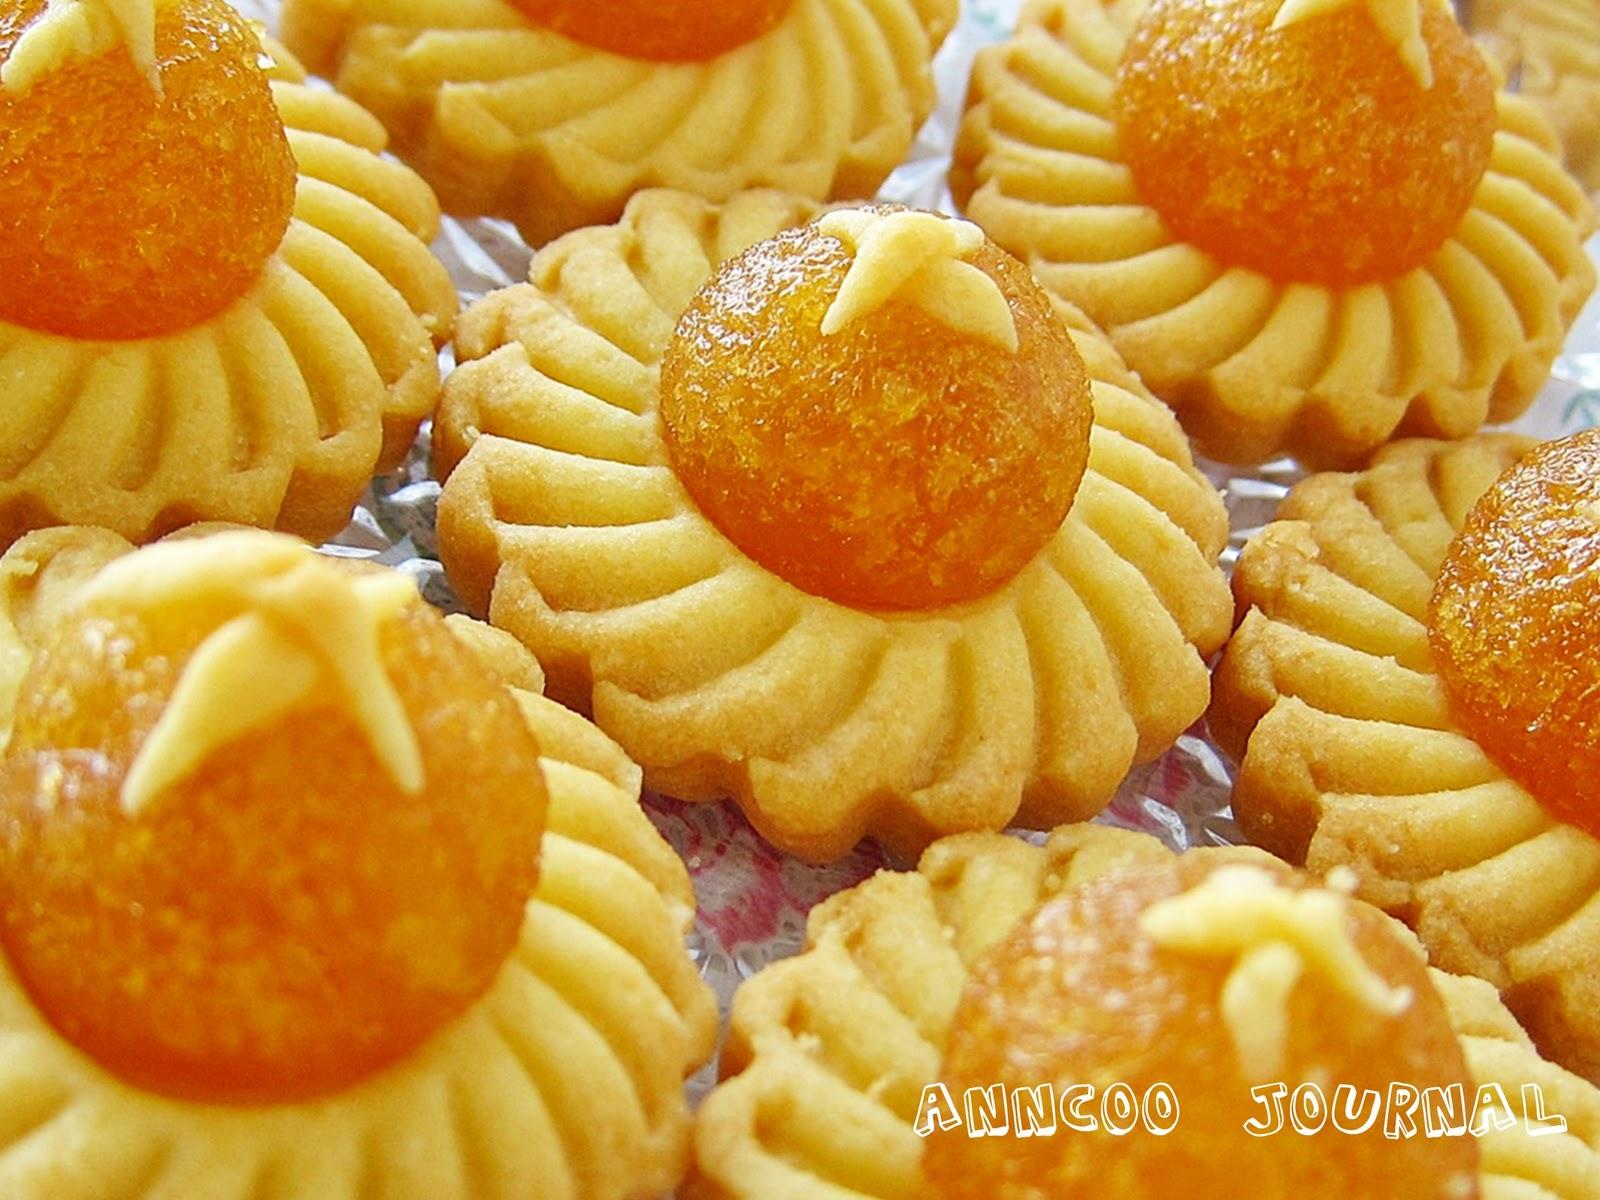 http://4.bp.blogspot.com/_jc2ZAw5kem4/TTMb2vOSChI/AAAAAAAAFSY/UQ52vMa4wTo/s1600/Pineapple%20Tarts%201.jpg